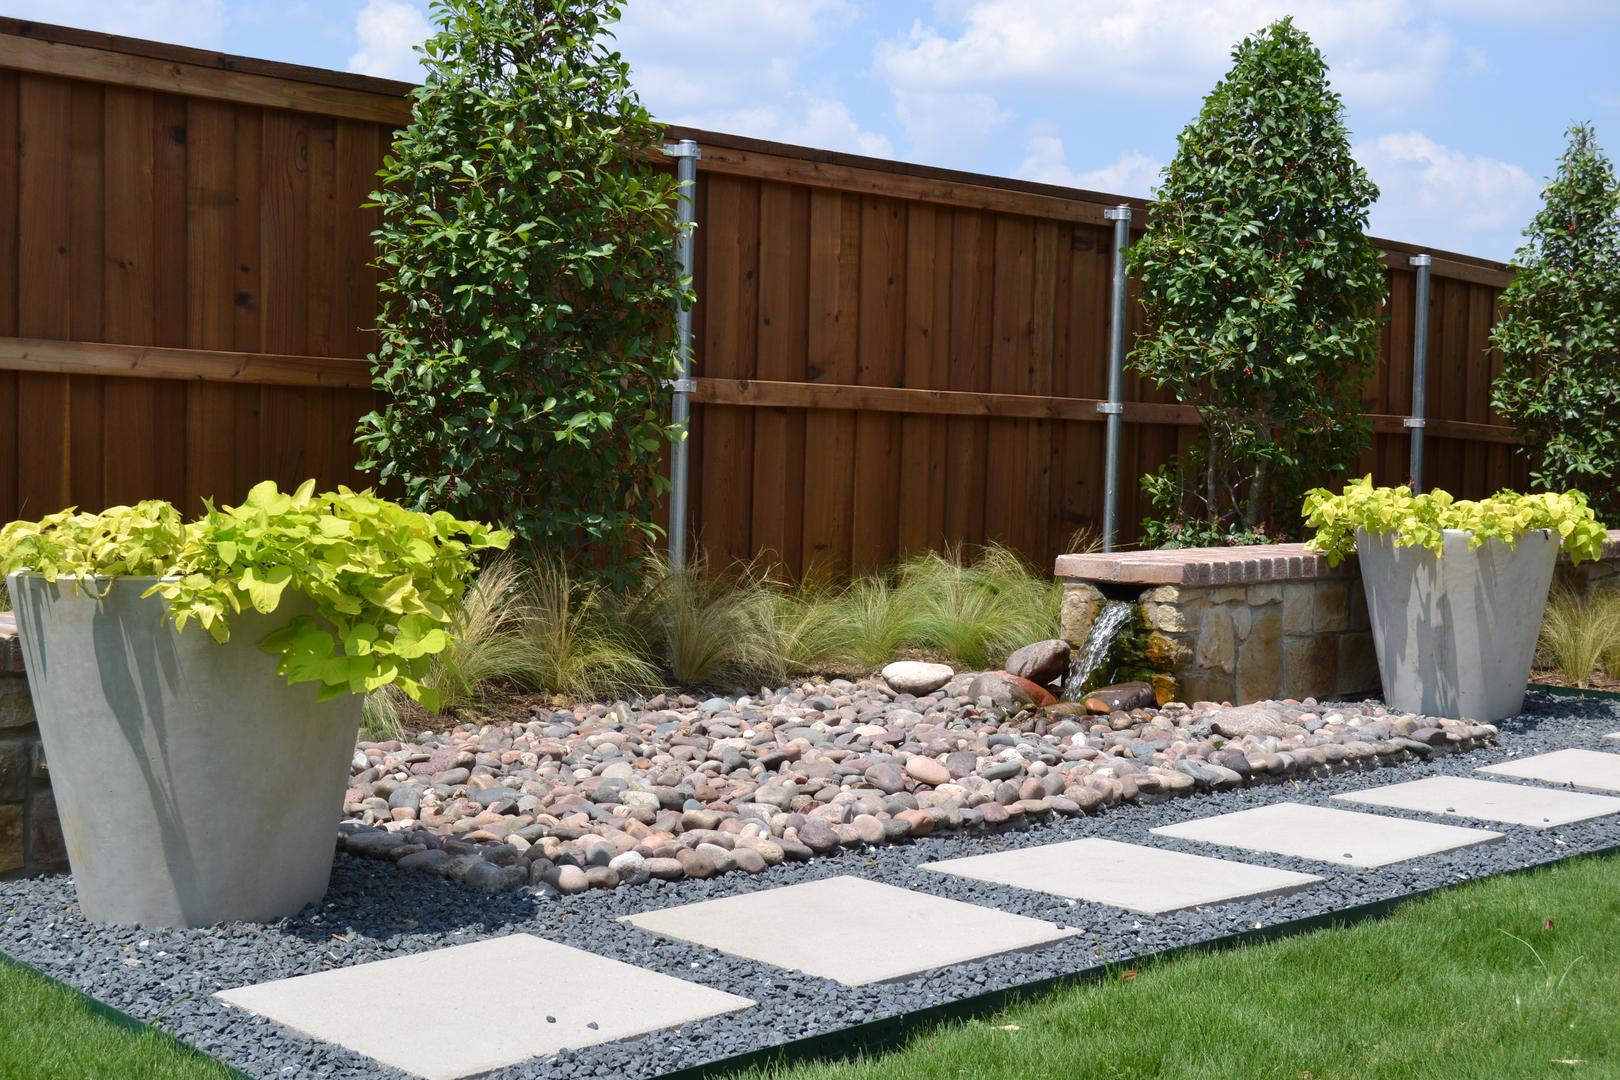 Garden Design Landscape garden design landscaping in dallas